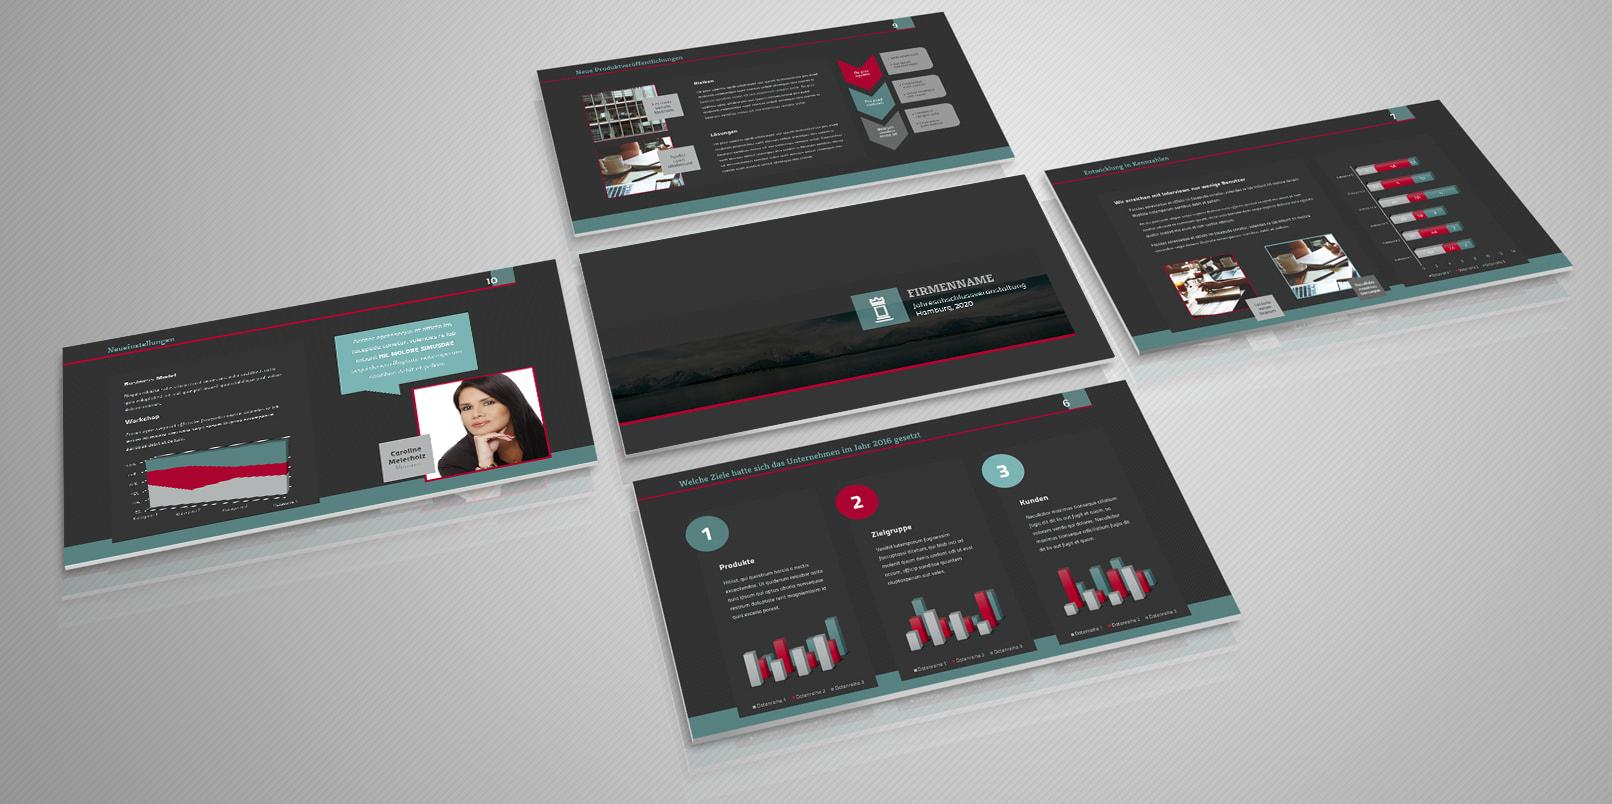 Professionelle Powerpoint-Vorlage für gelungene Präsentationen